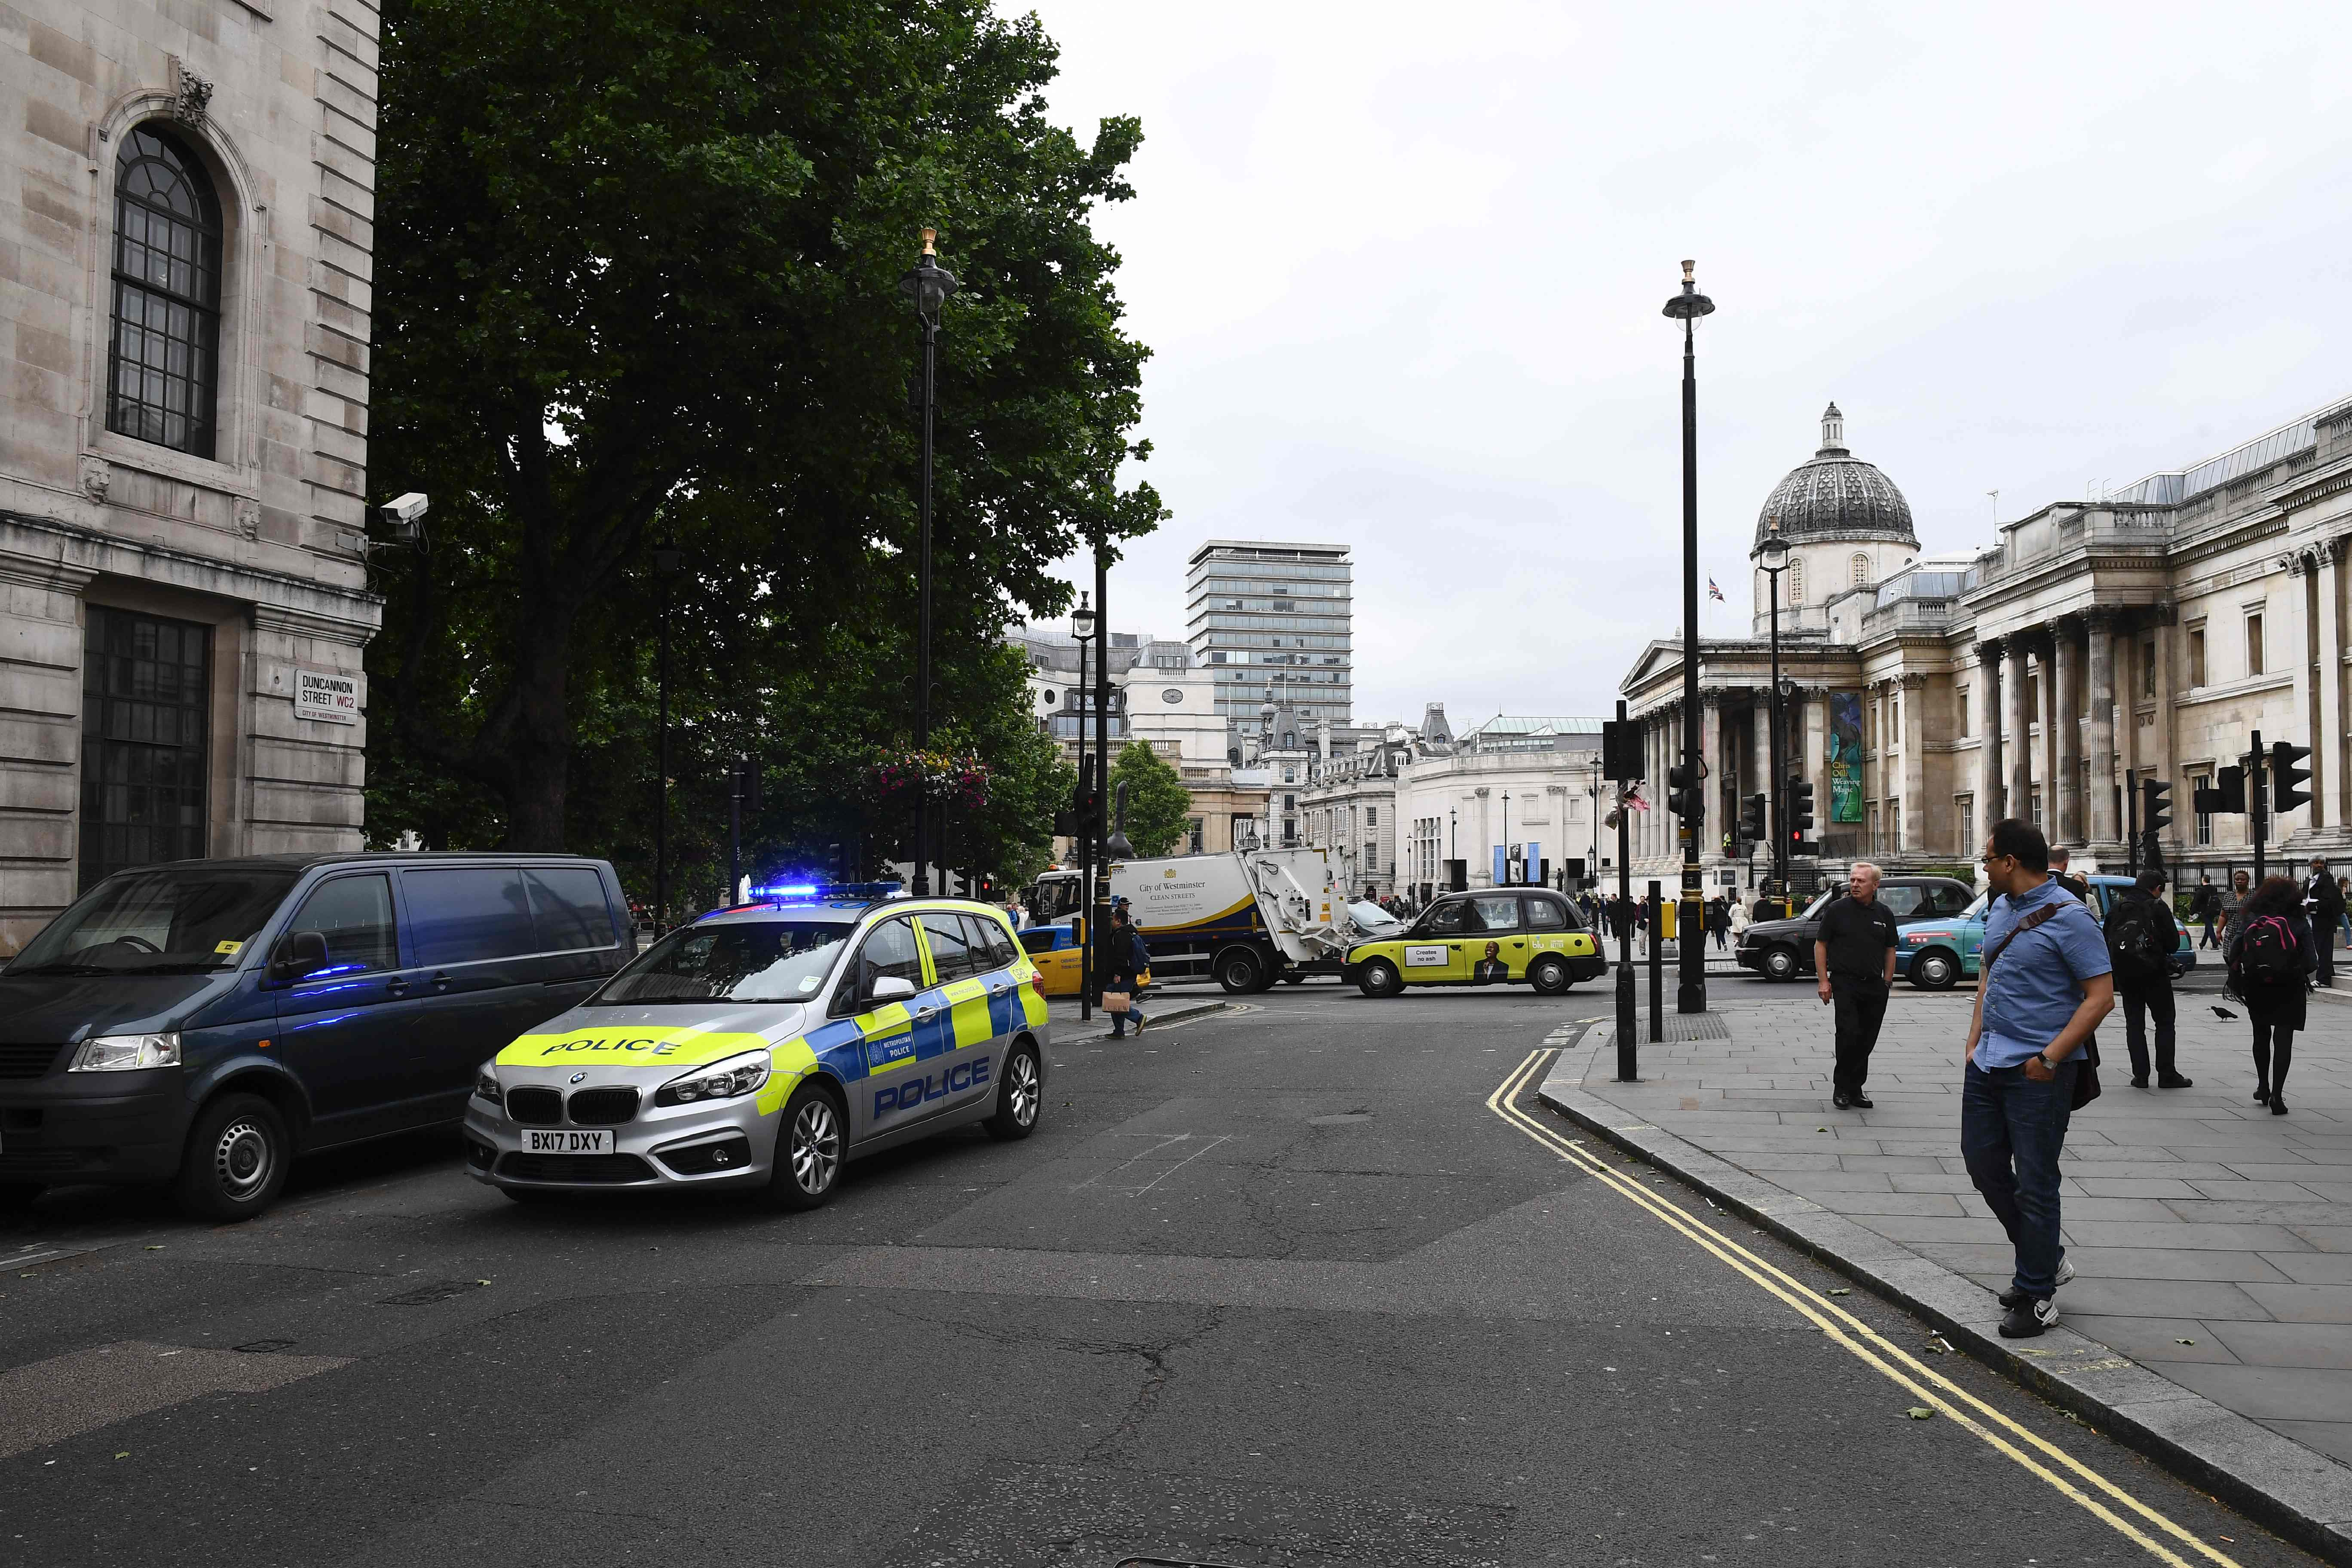 Trafalgar Square evacuado devido a pacote suspeito